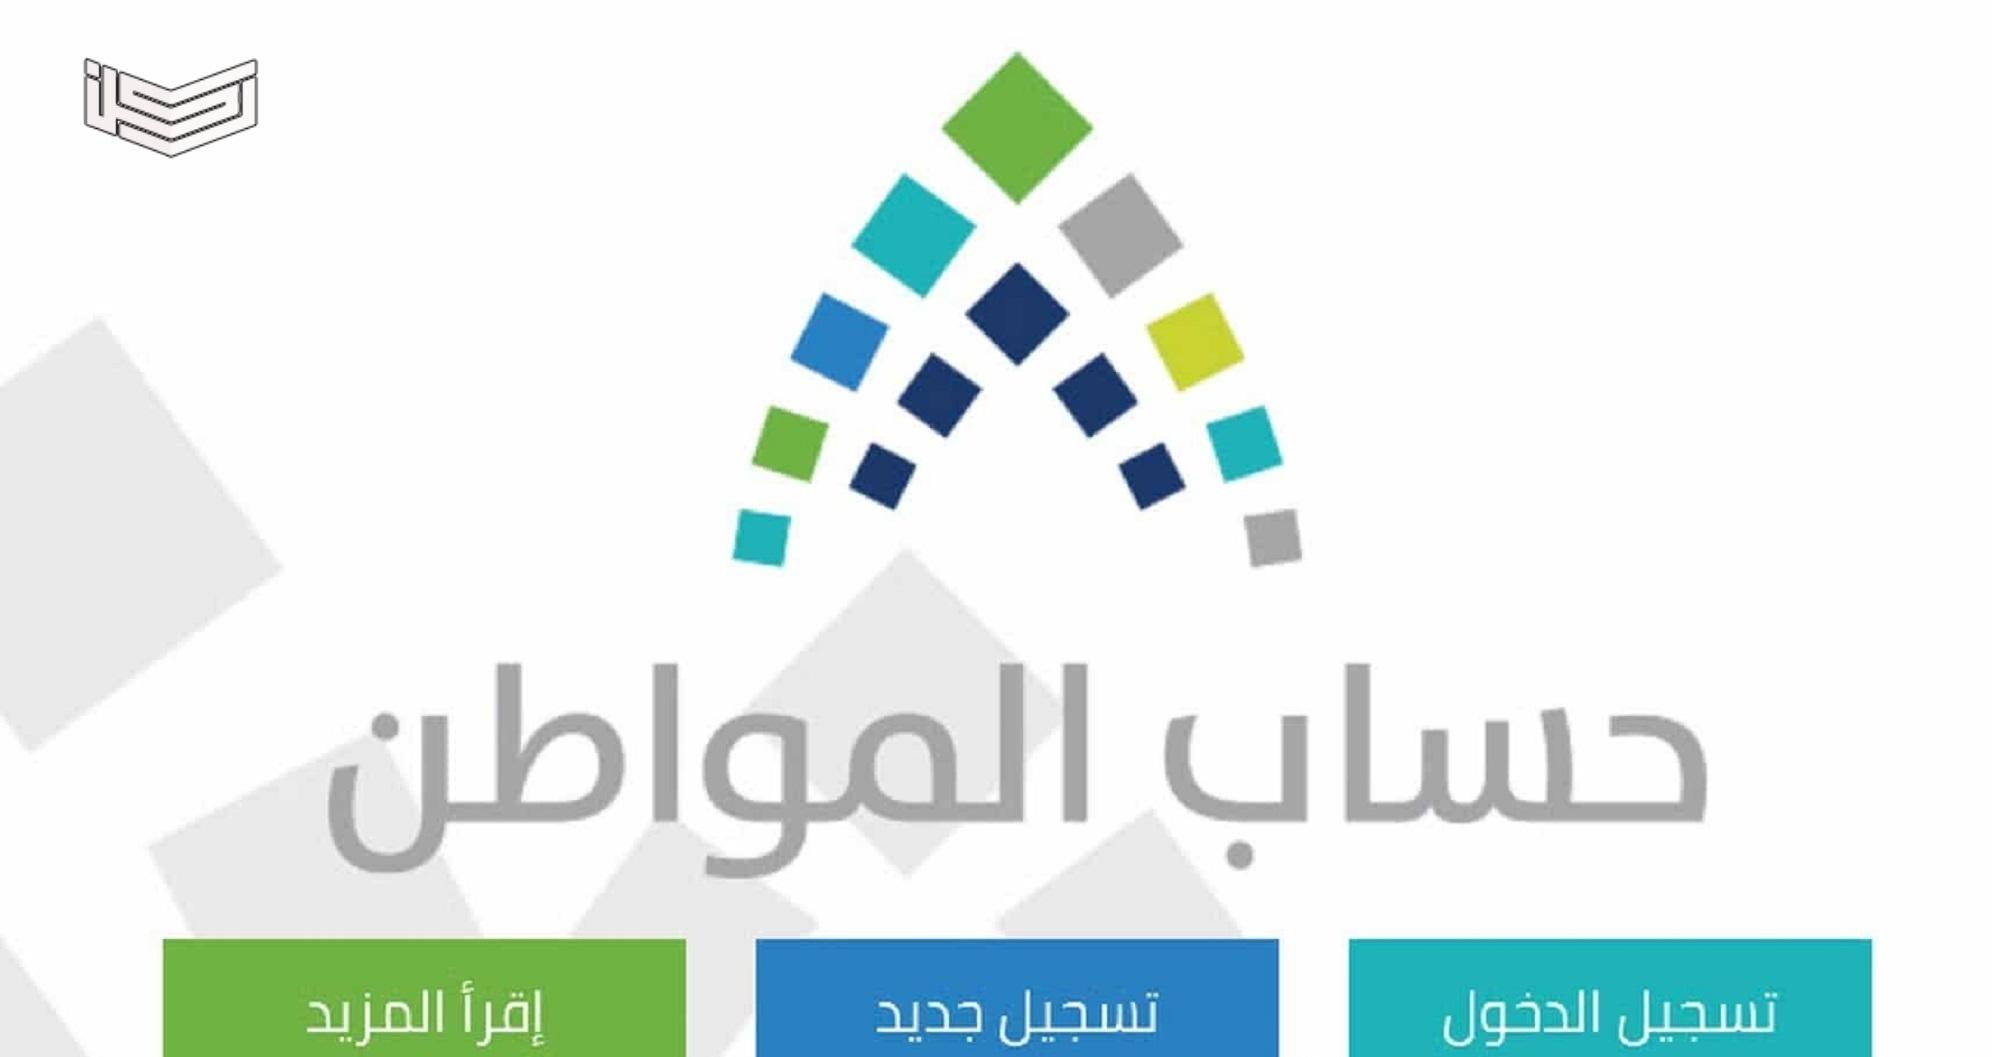 شروط برنامج حساب المواطن الجديدة ورابط التسجيل